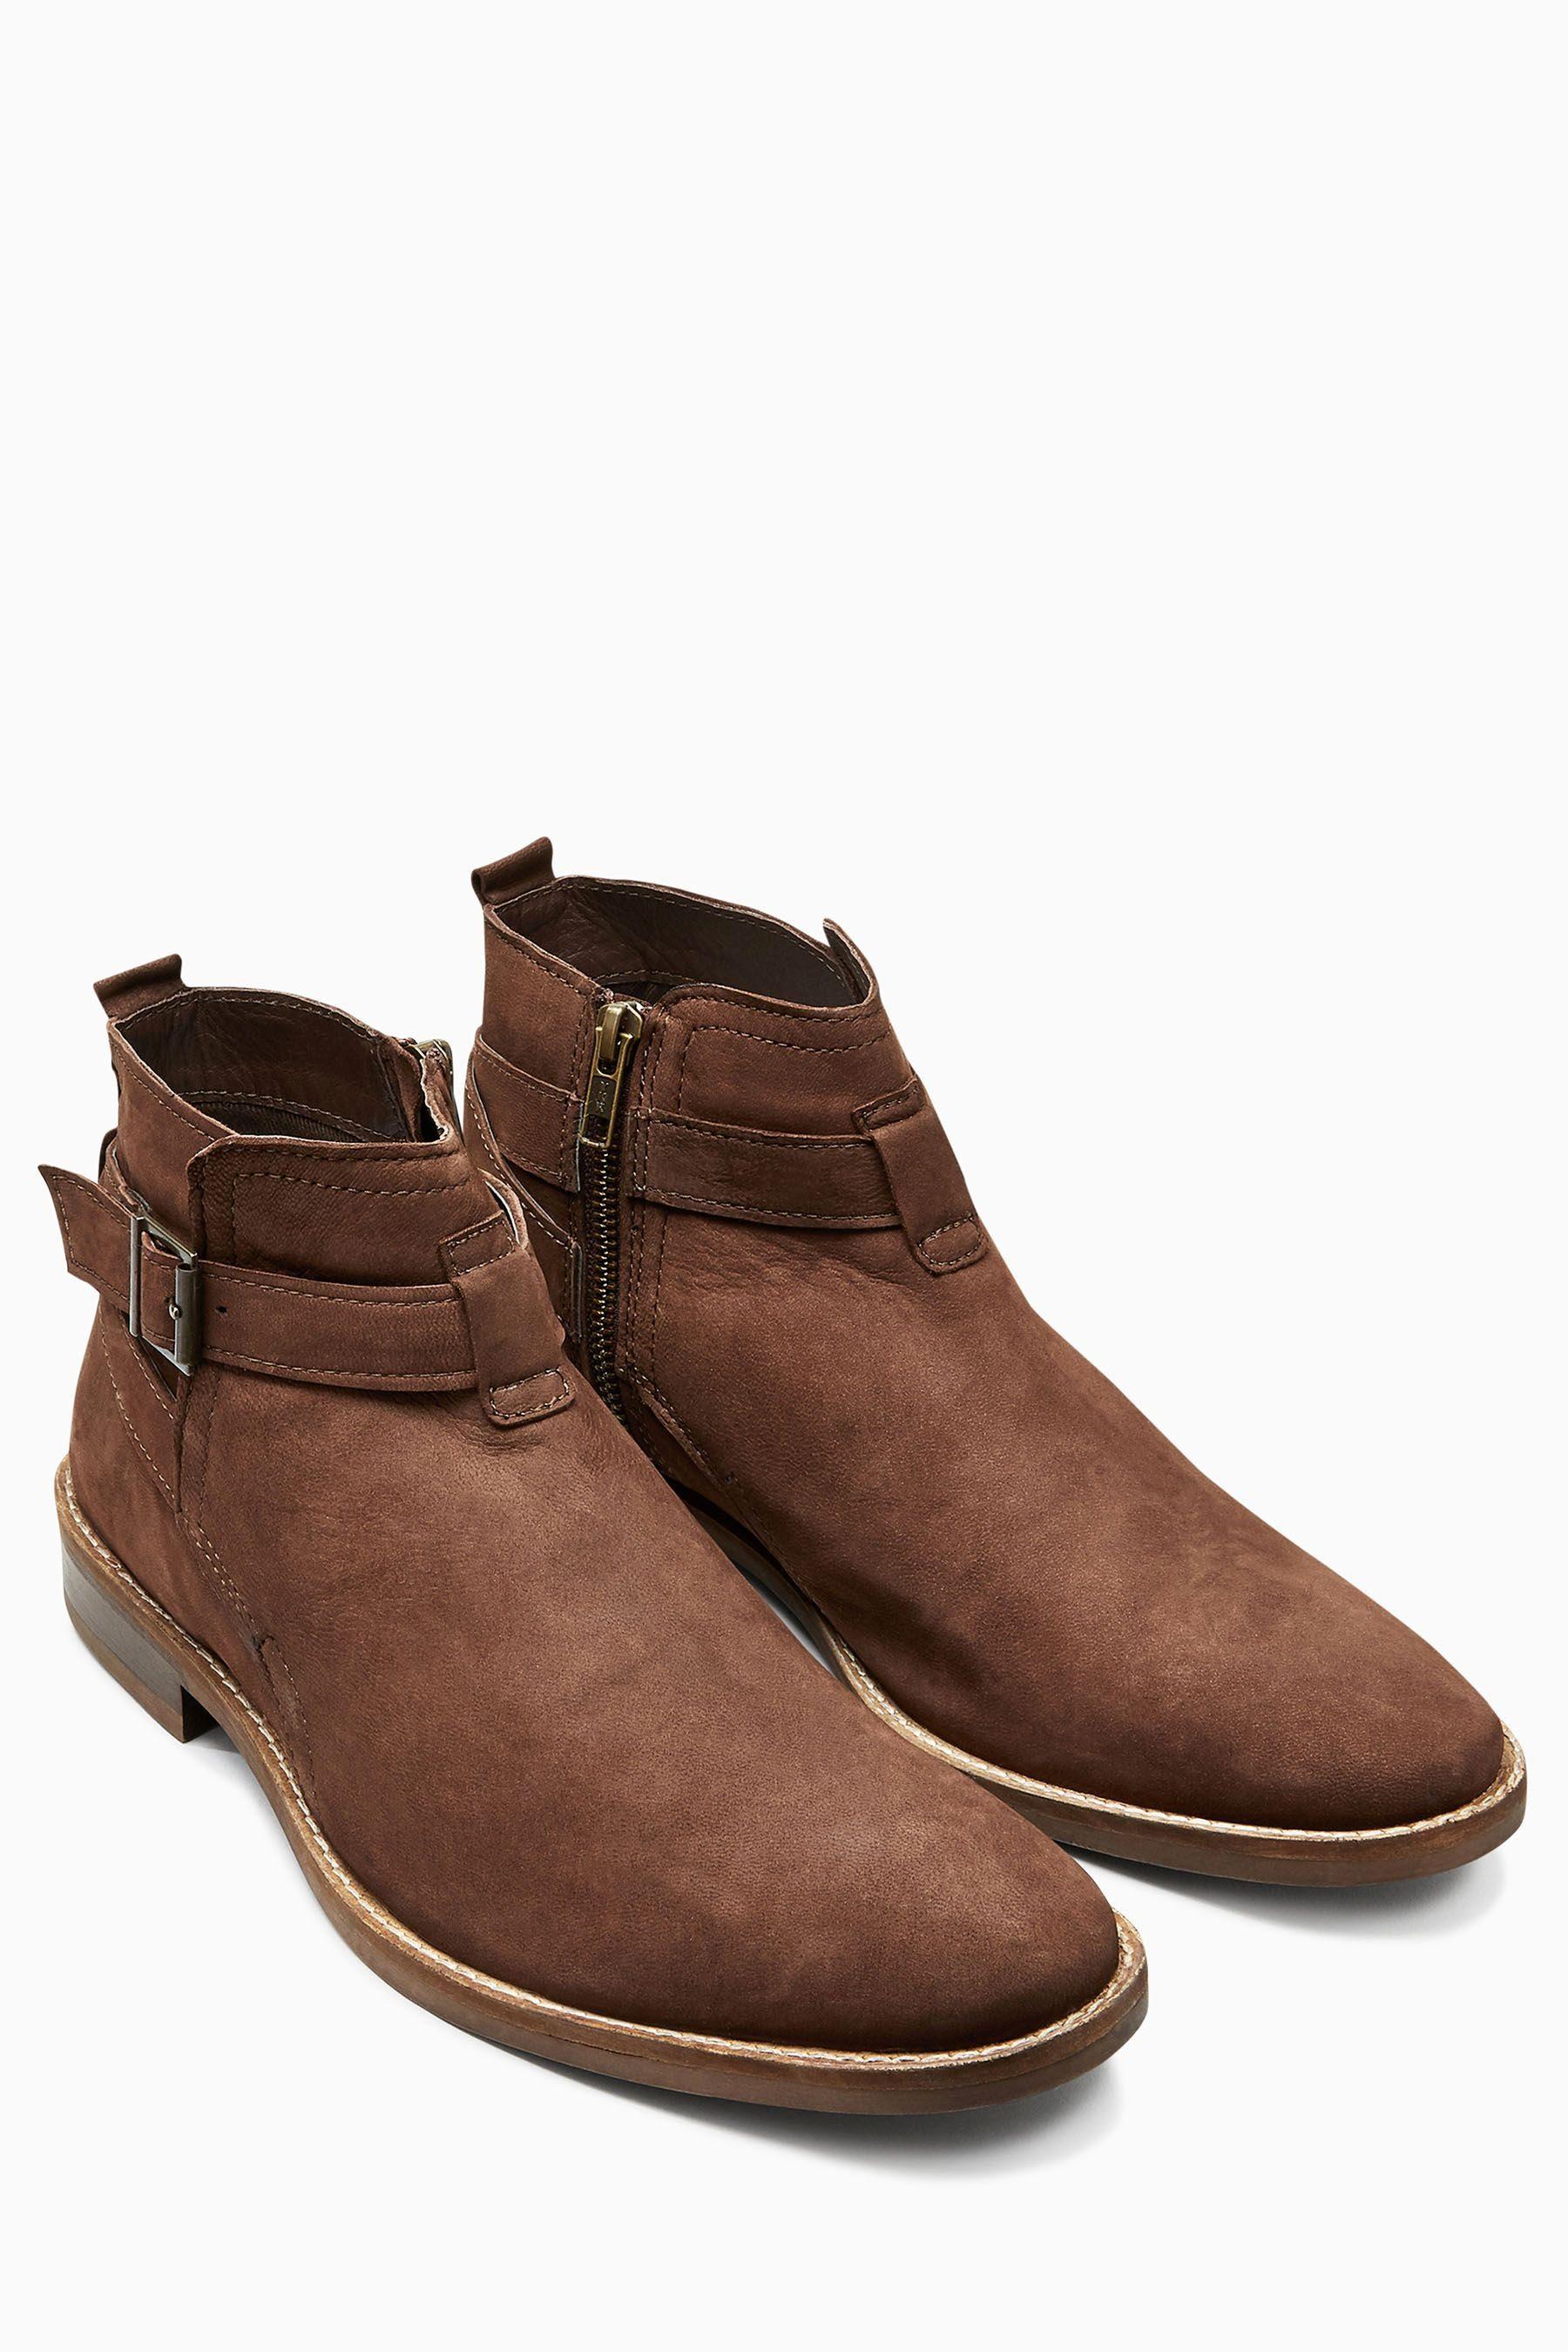 Next Stiefel mit Schnalle online kaufen  Brown